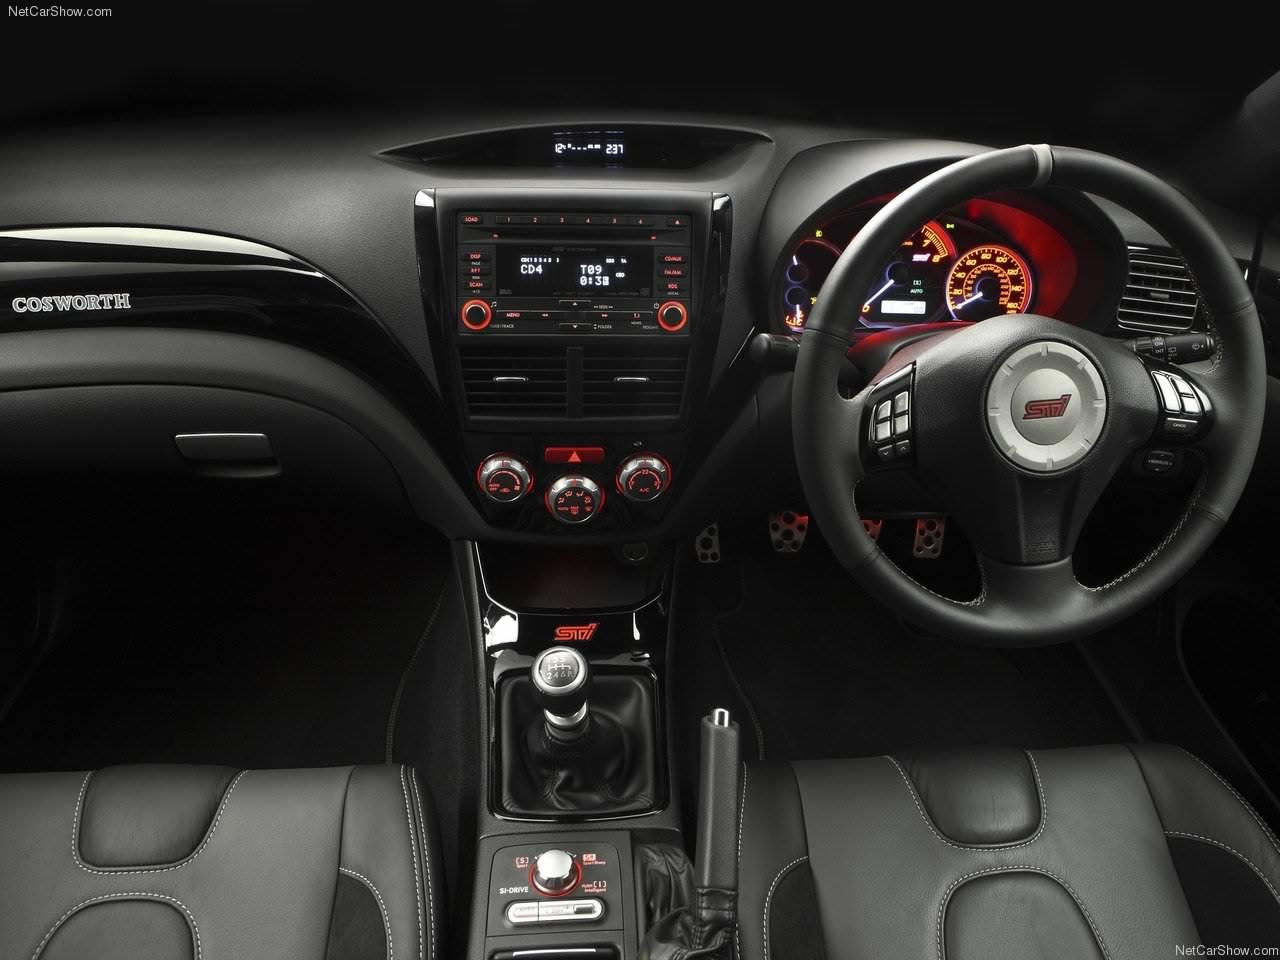 Subaru - Auto twenty-first century: 2011 Subaru Impreza STI